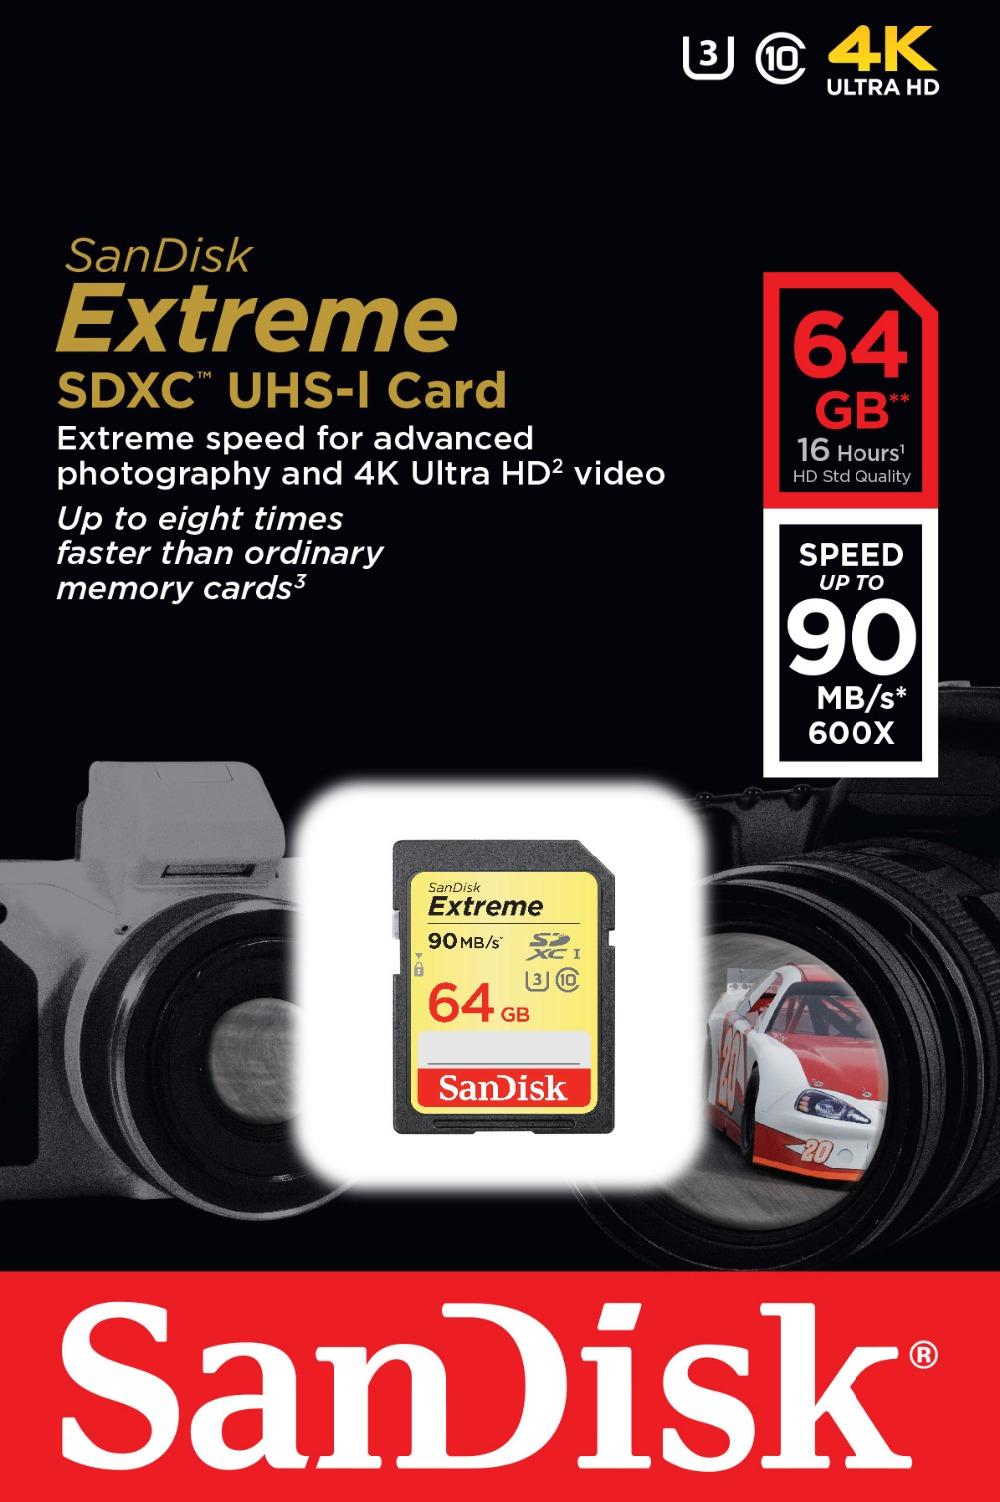 SanDisk_Extreme_SDXC_UHS-I_Memory_Card_U3_GLOBAL_064G_SDSDXNE_GNCIN_front_HR